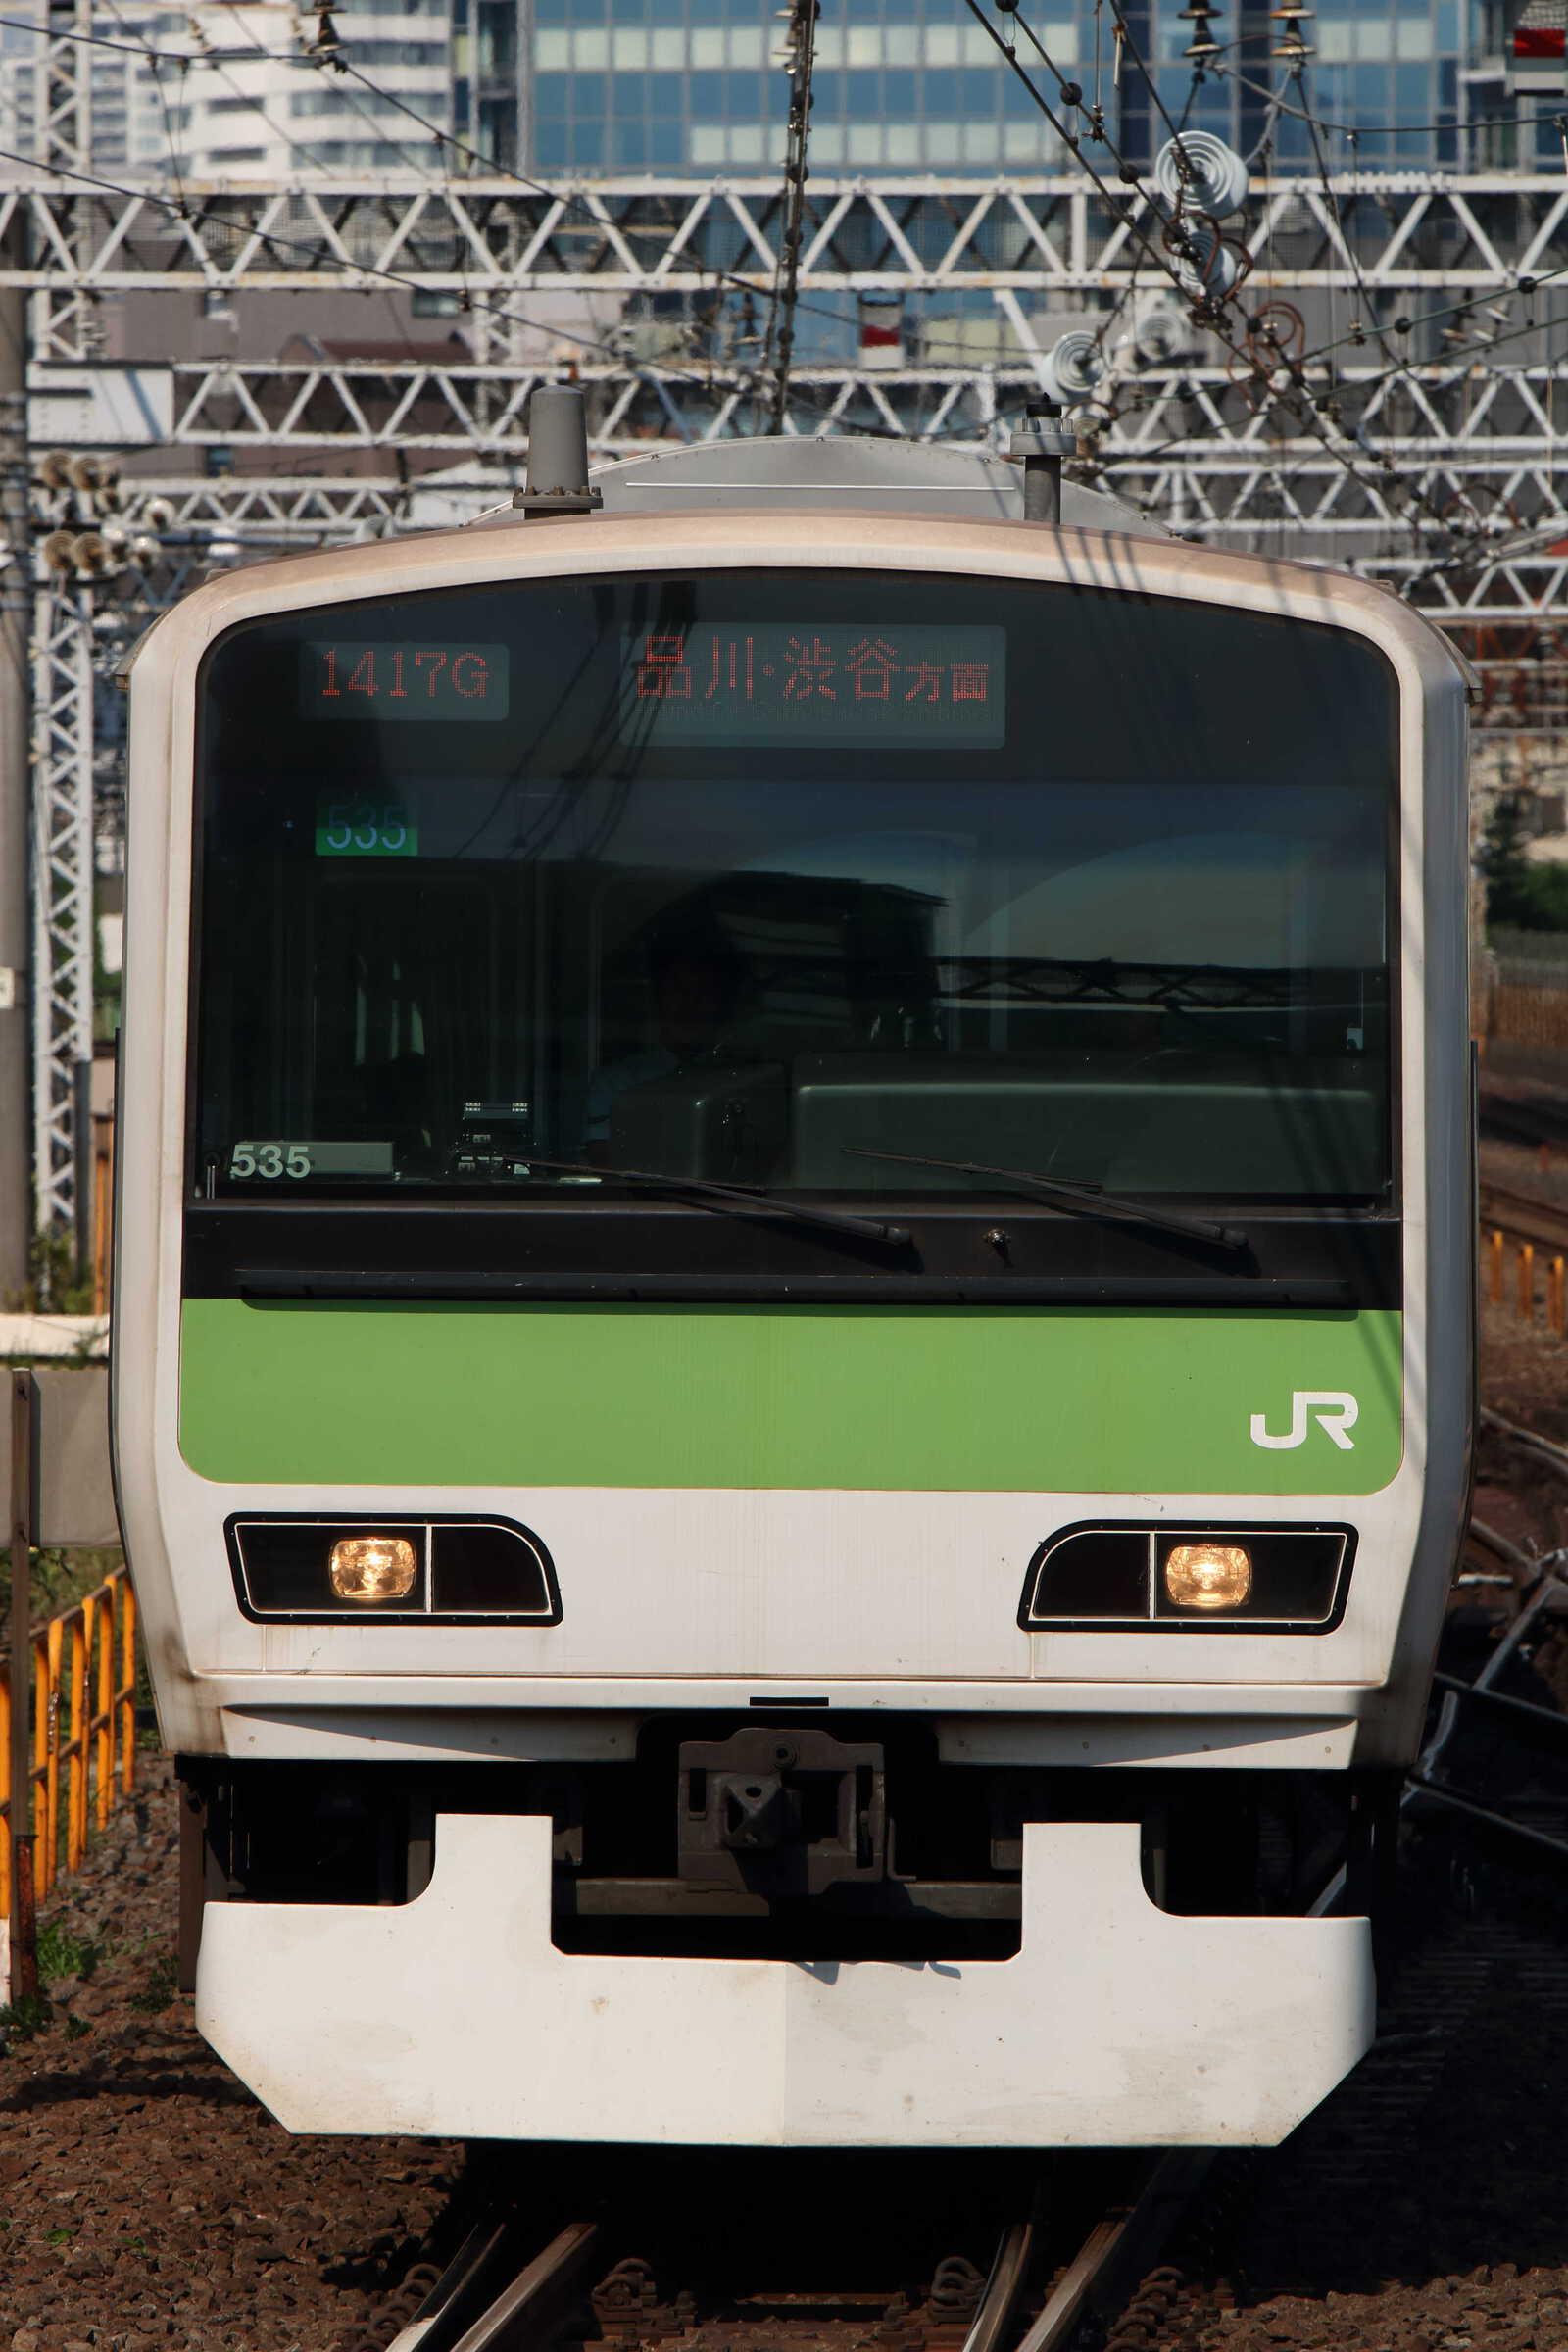 1417G E231系 東トウ535編成